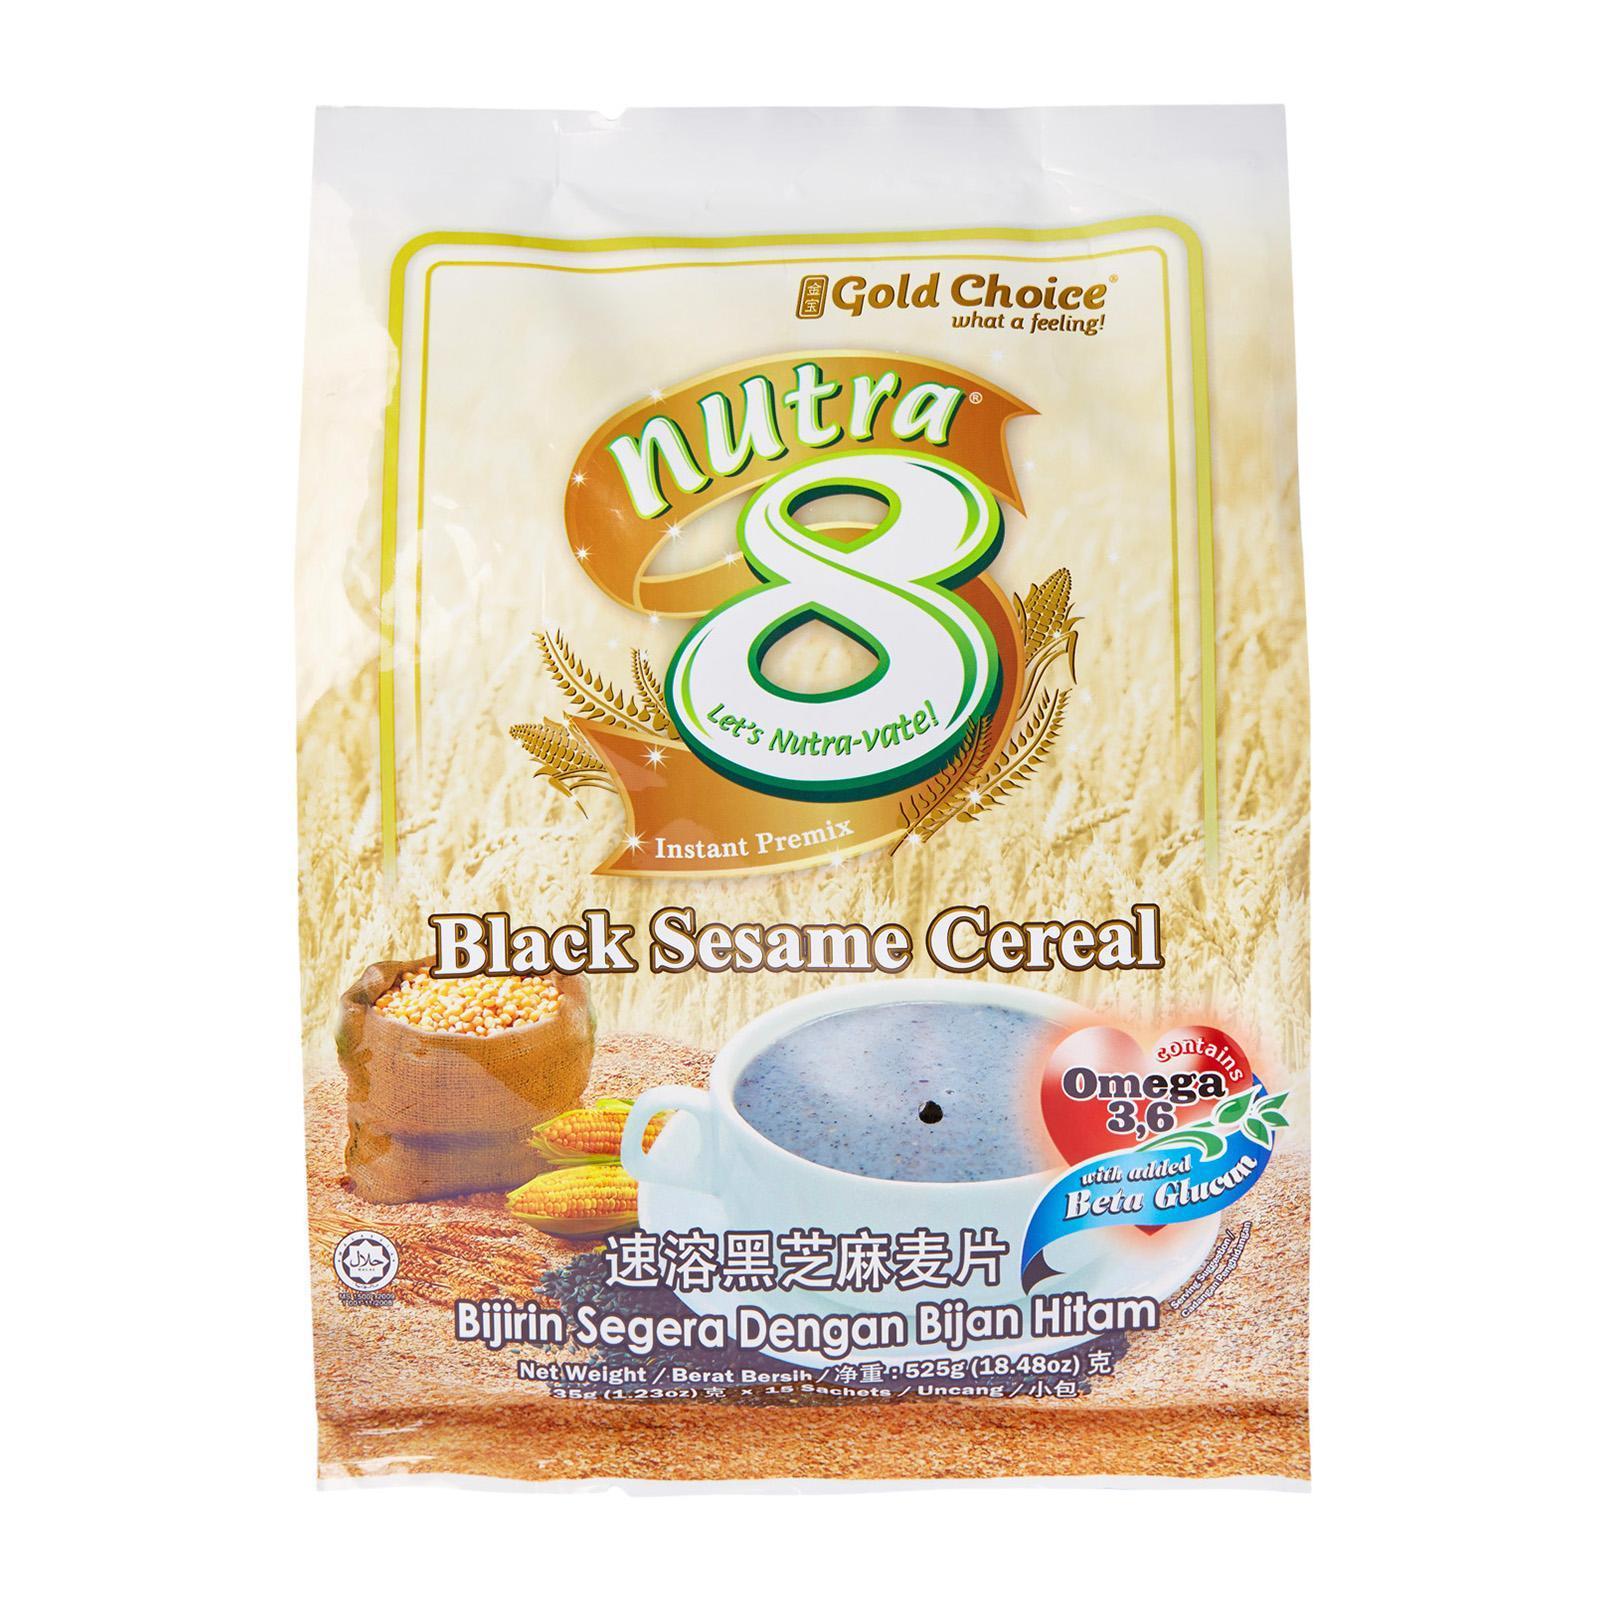 Nutra8 Black Sesame Cereal Instant Premix By Redmart.